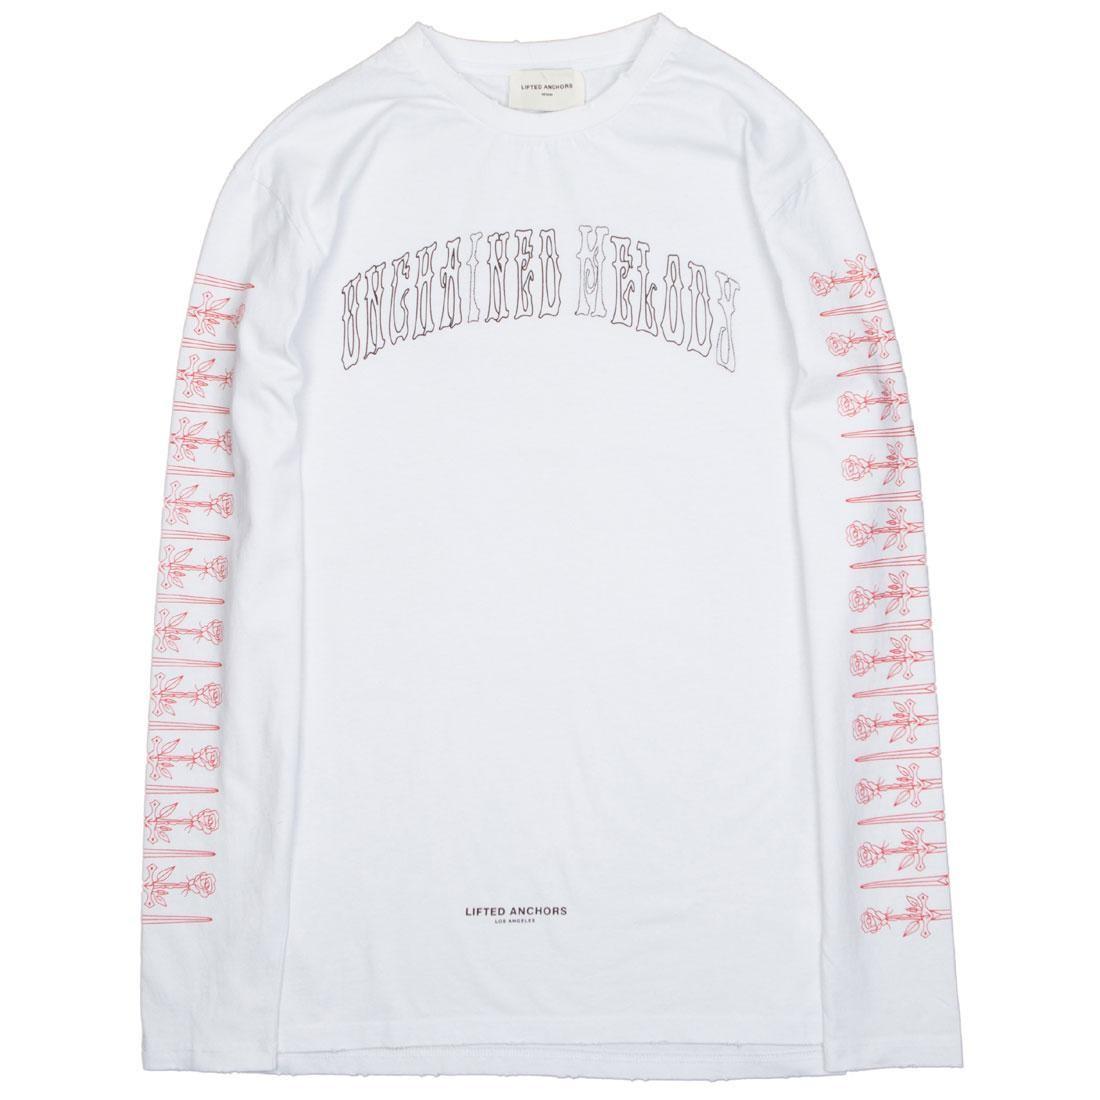 スリーブ Tシャツ 白 ホワイト 【 SLEEVE WHITE LIFTED ANCHORS MEN RIGHTEOUS LONG TEE 】 メンズファッション トップス Tシャツ カットソー